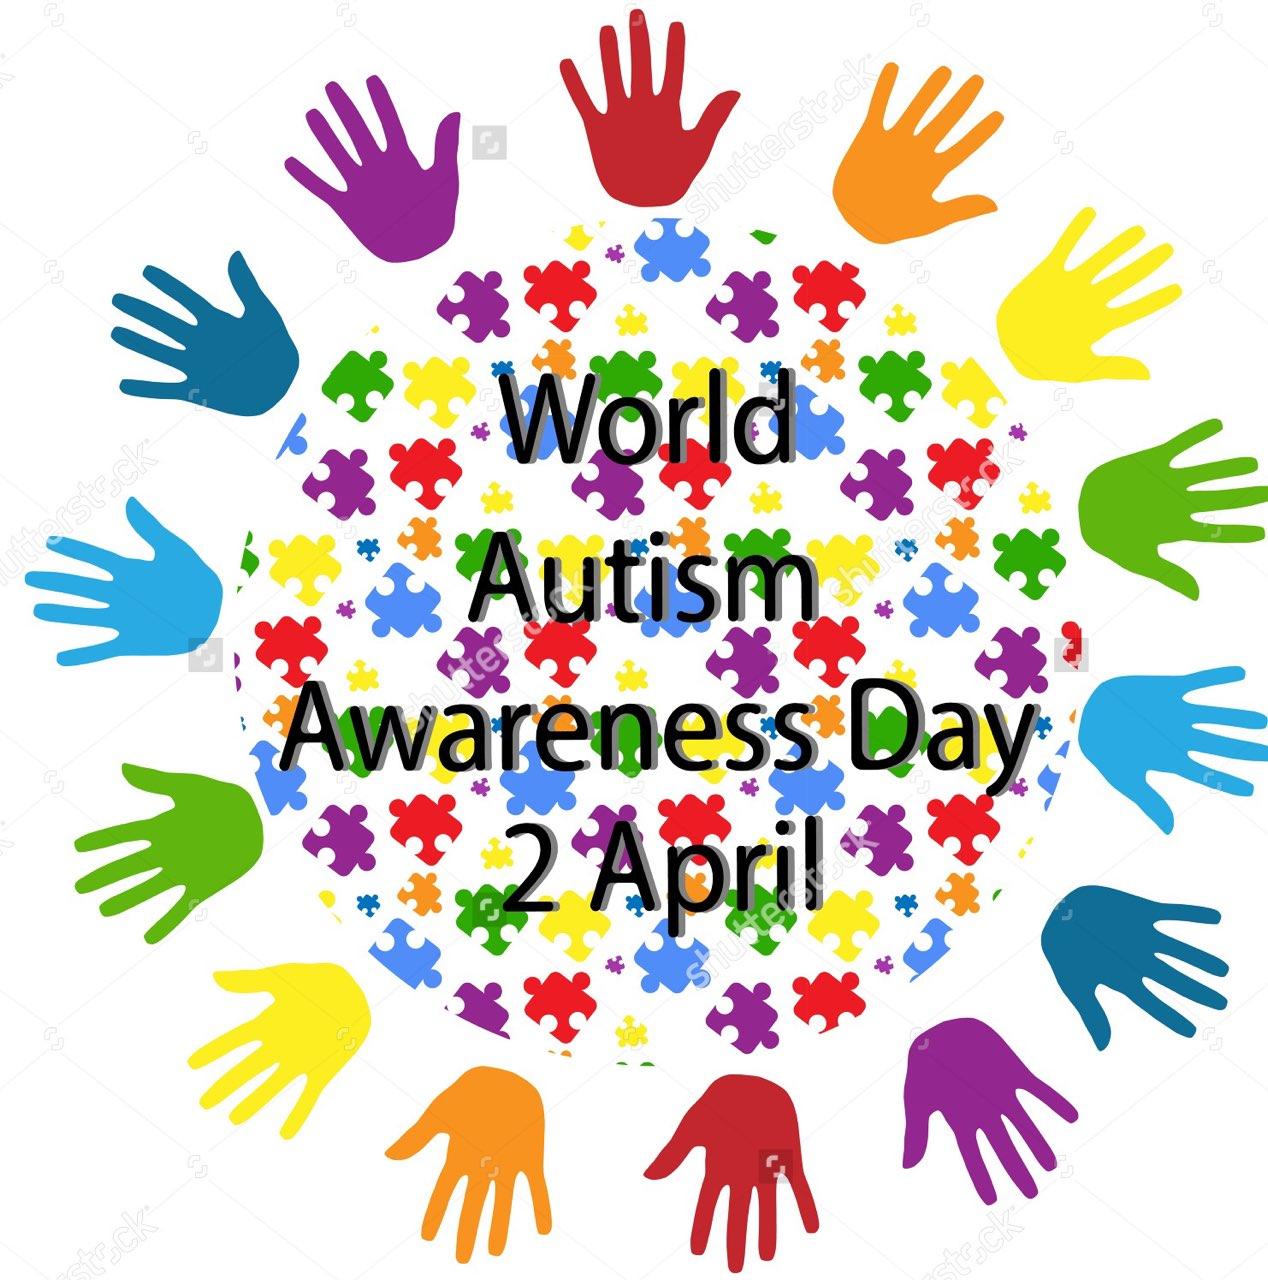 autism-day